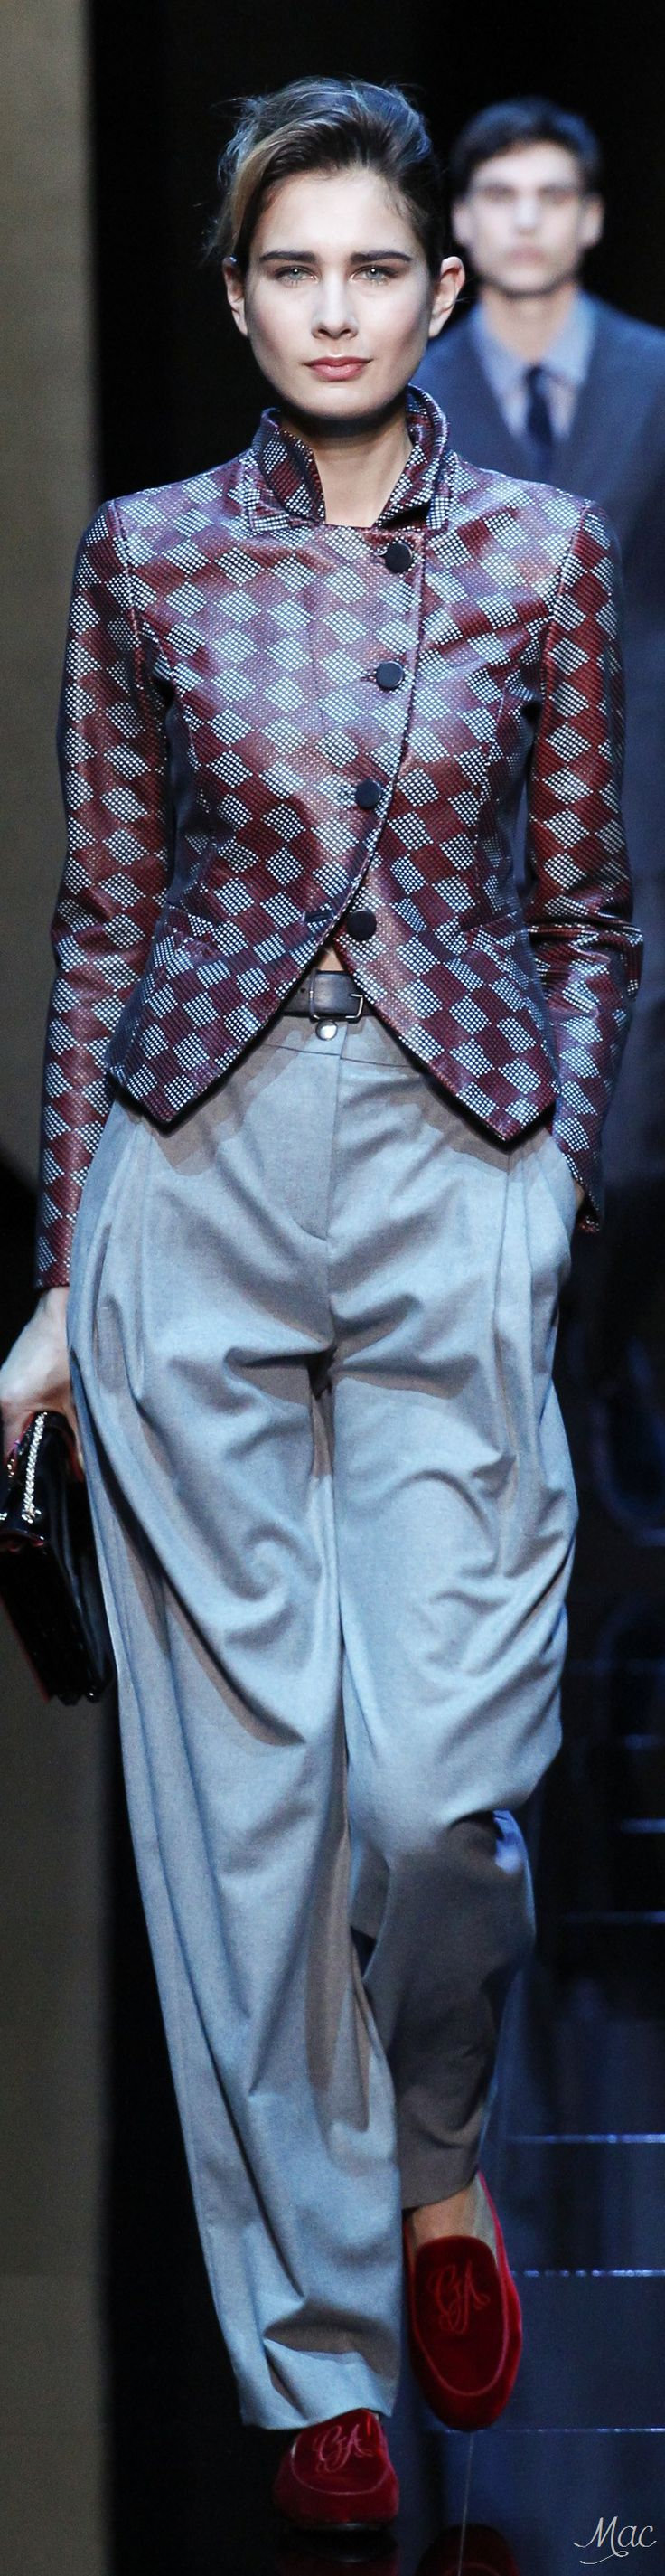 Fall 2017 RTW Collections Giorgio Armani - Menswear Collection